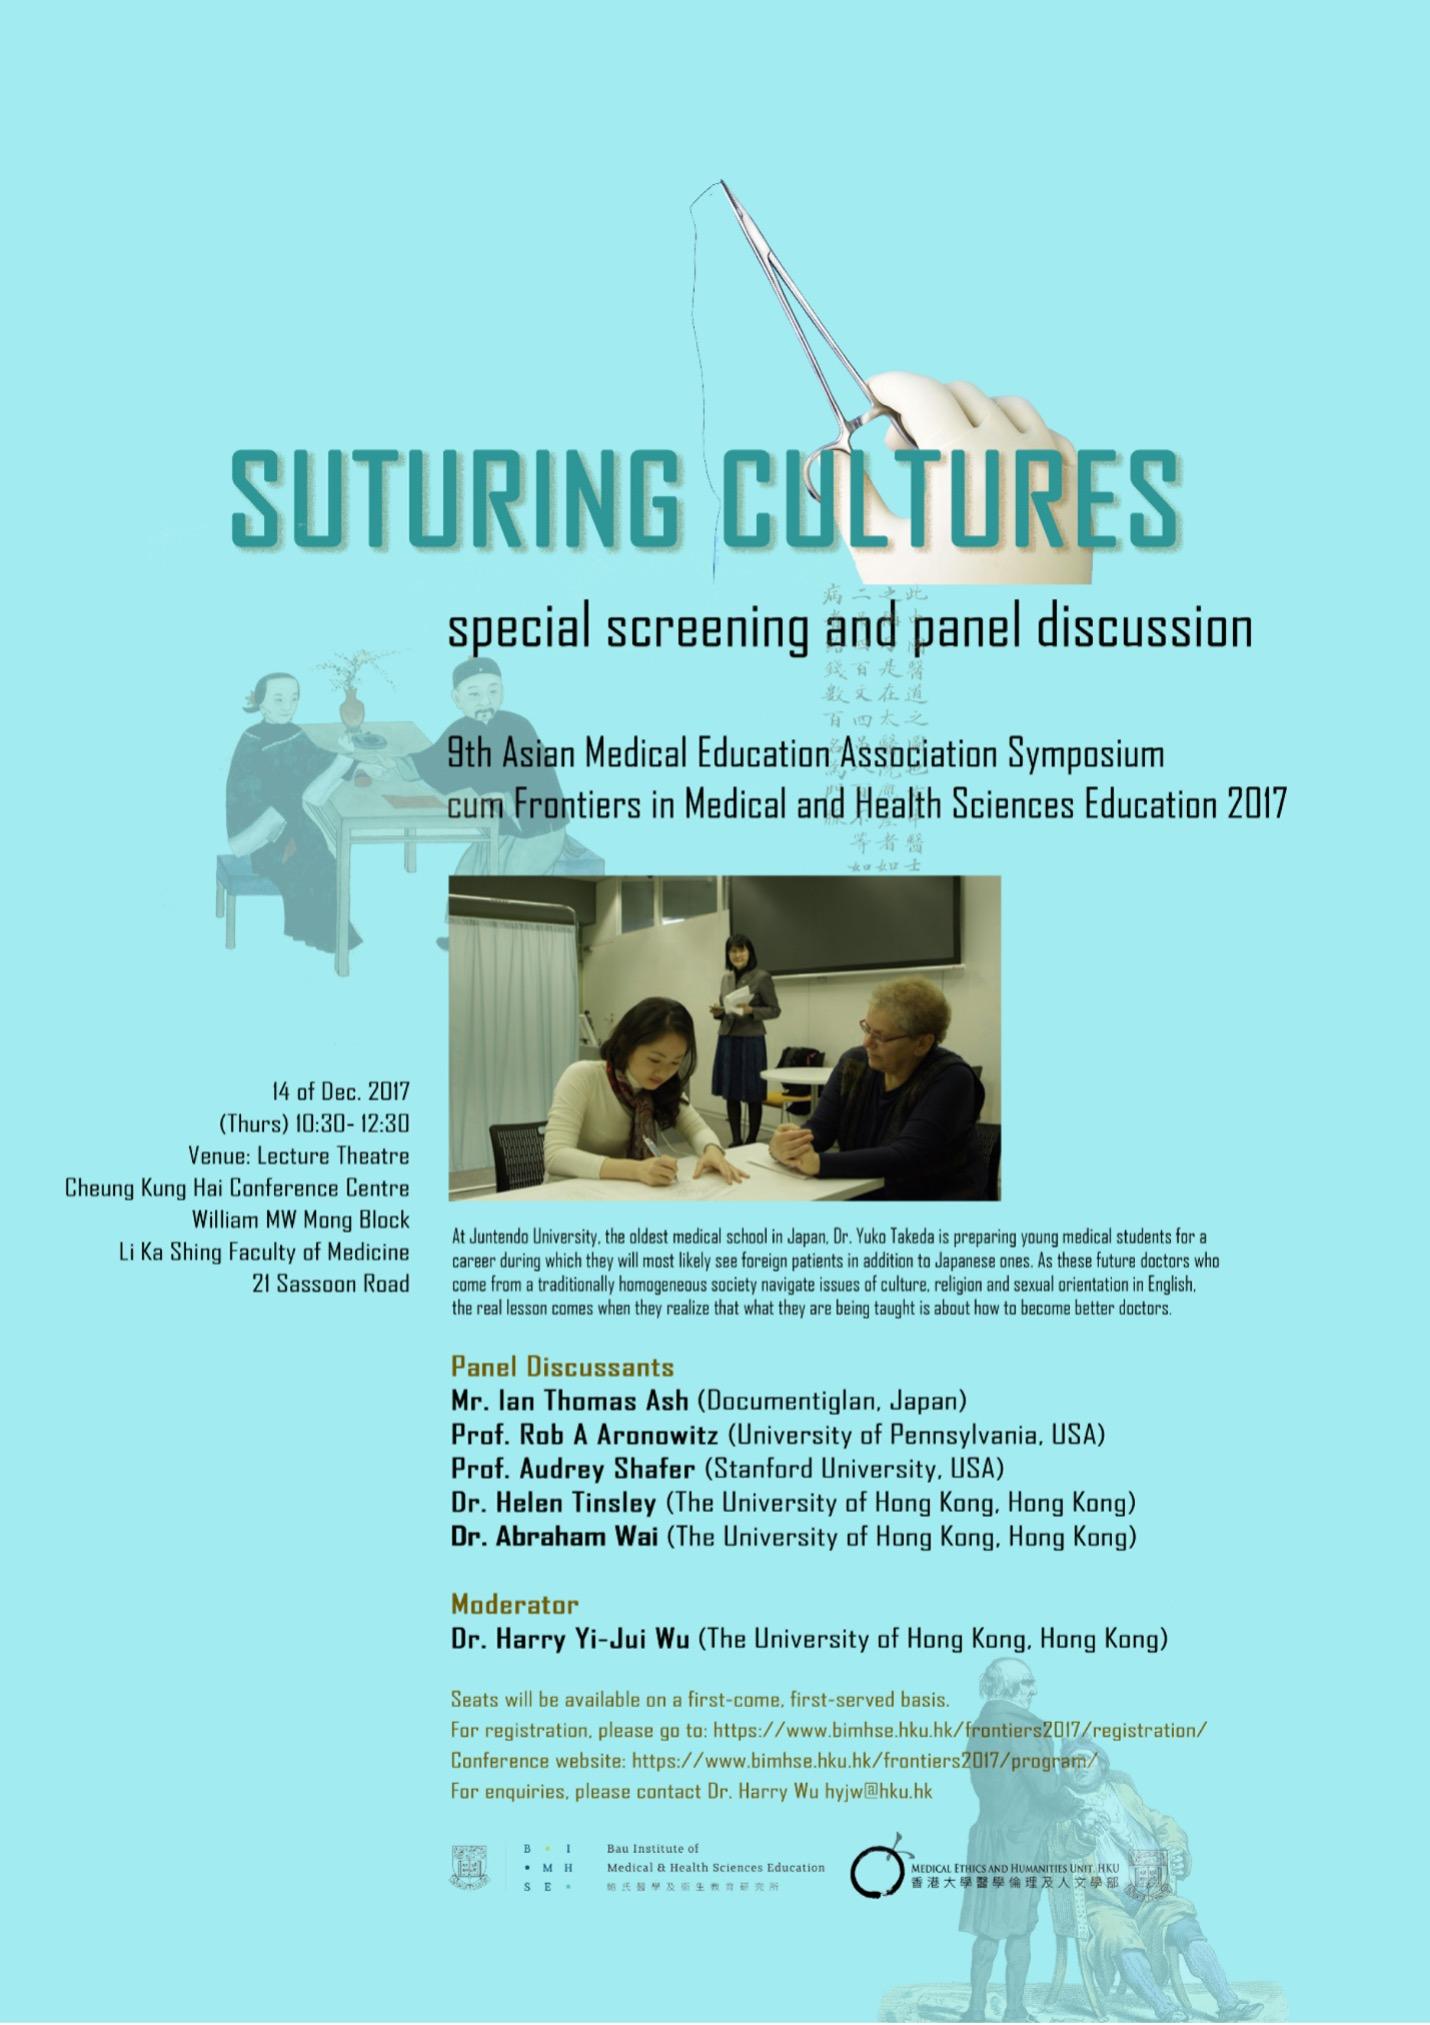 Suturing Cultures